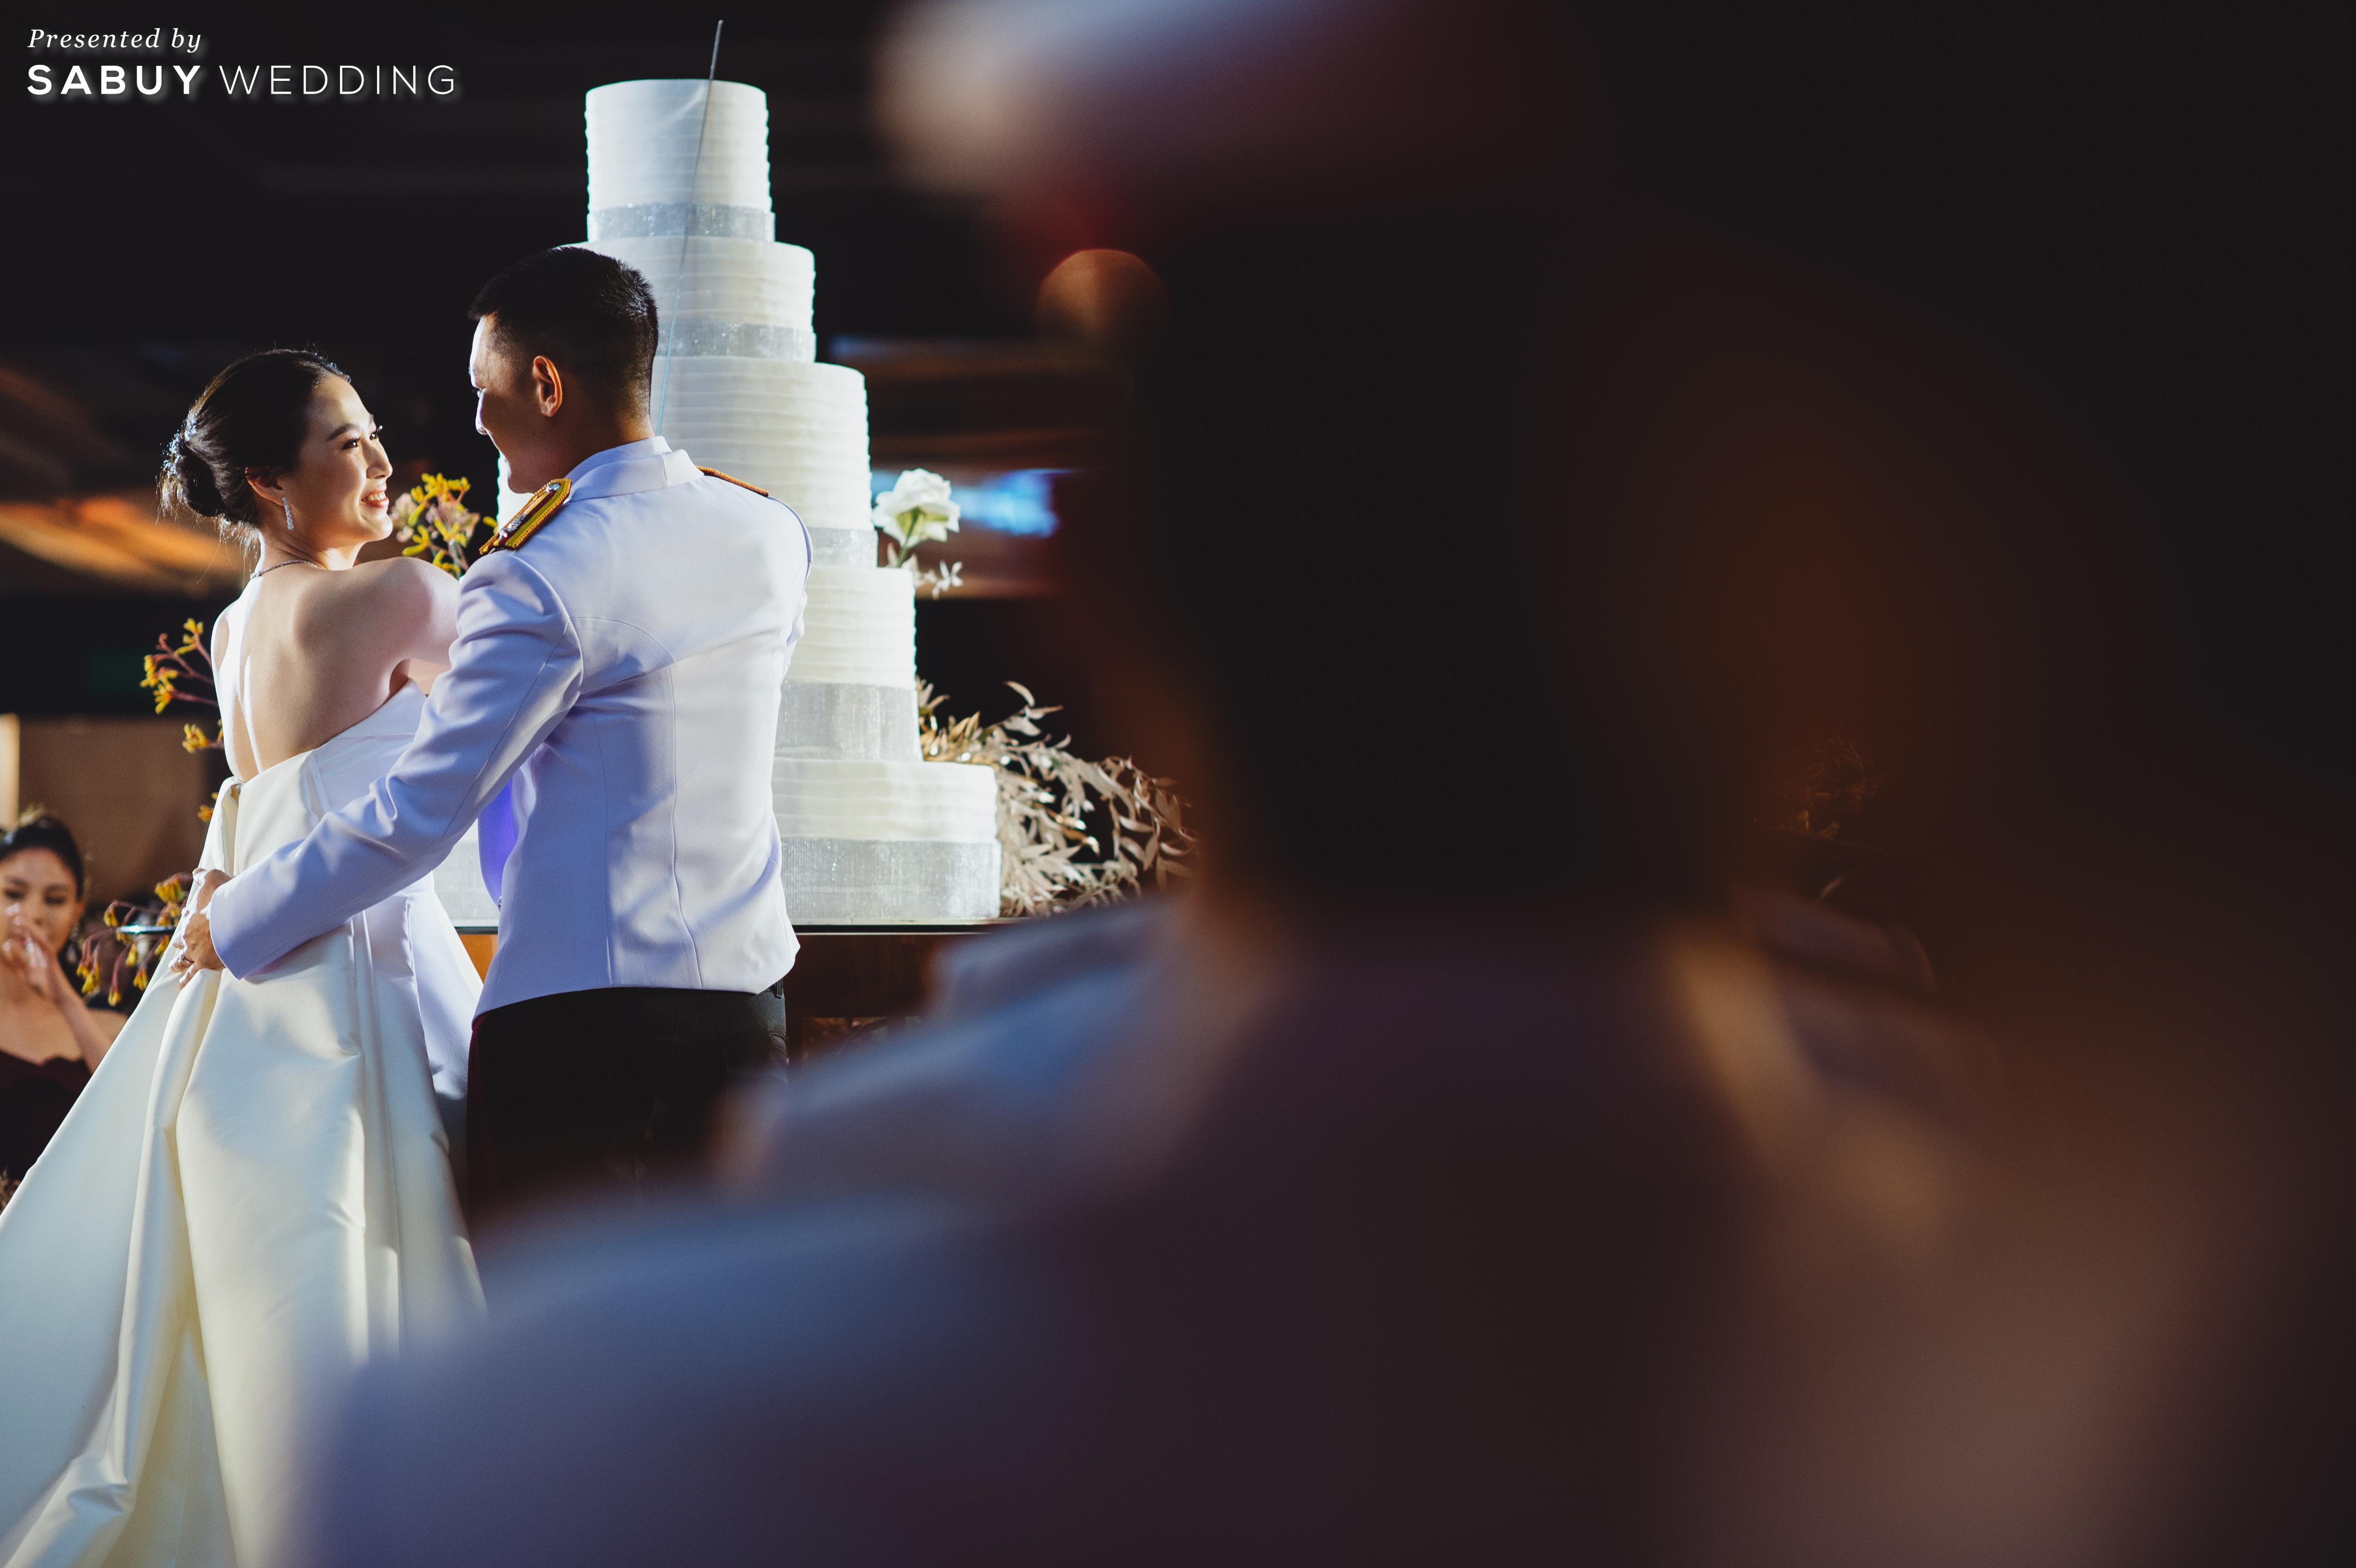 เจ้าสาว,ชุดแต่งงาน,งานแต่งงาน รีวิวงานแต่งโทนสีแชมเปญ สวยเรียบหรู ดูโมเดิร์น @ Sofitel Bangkok Sukhumvit